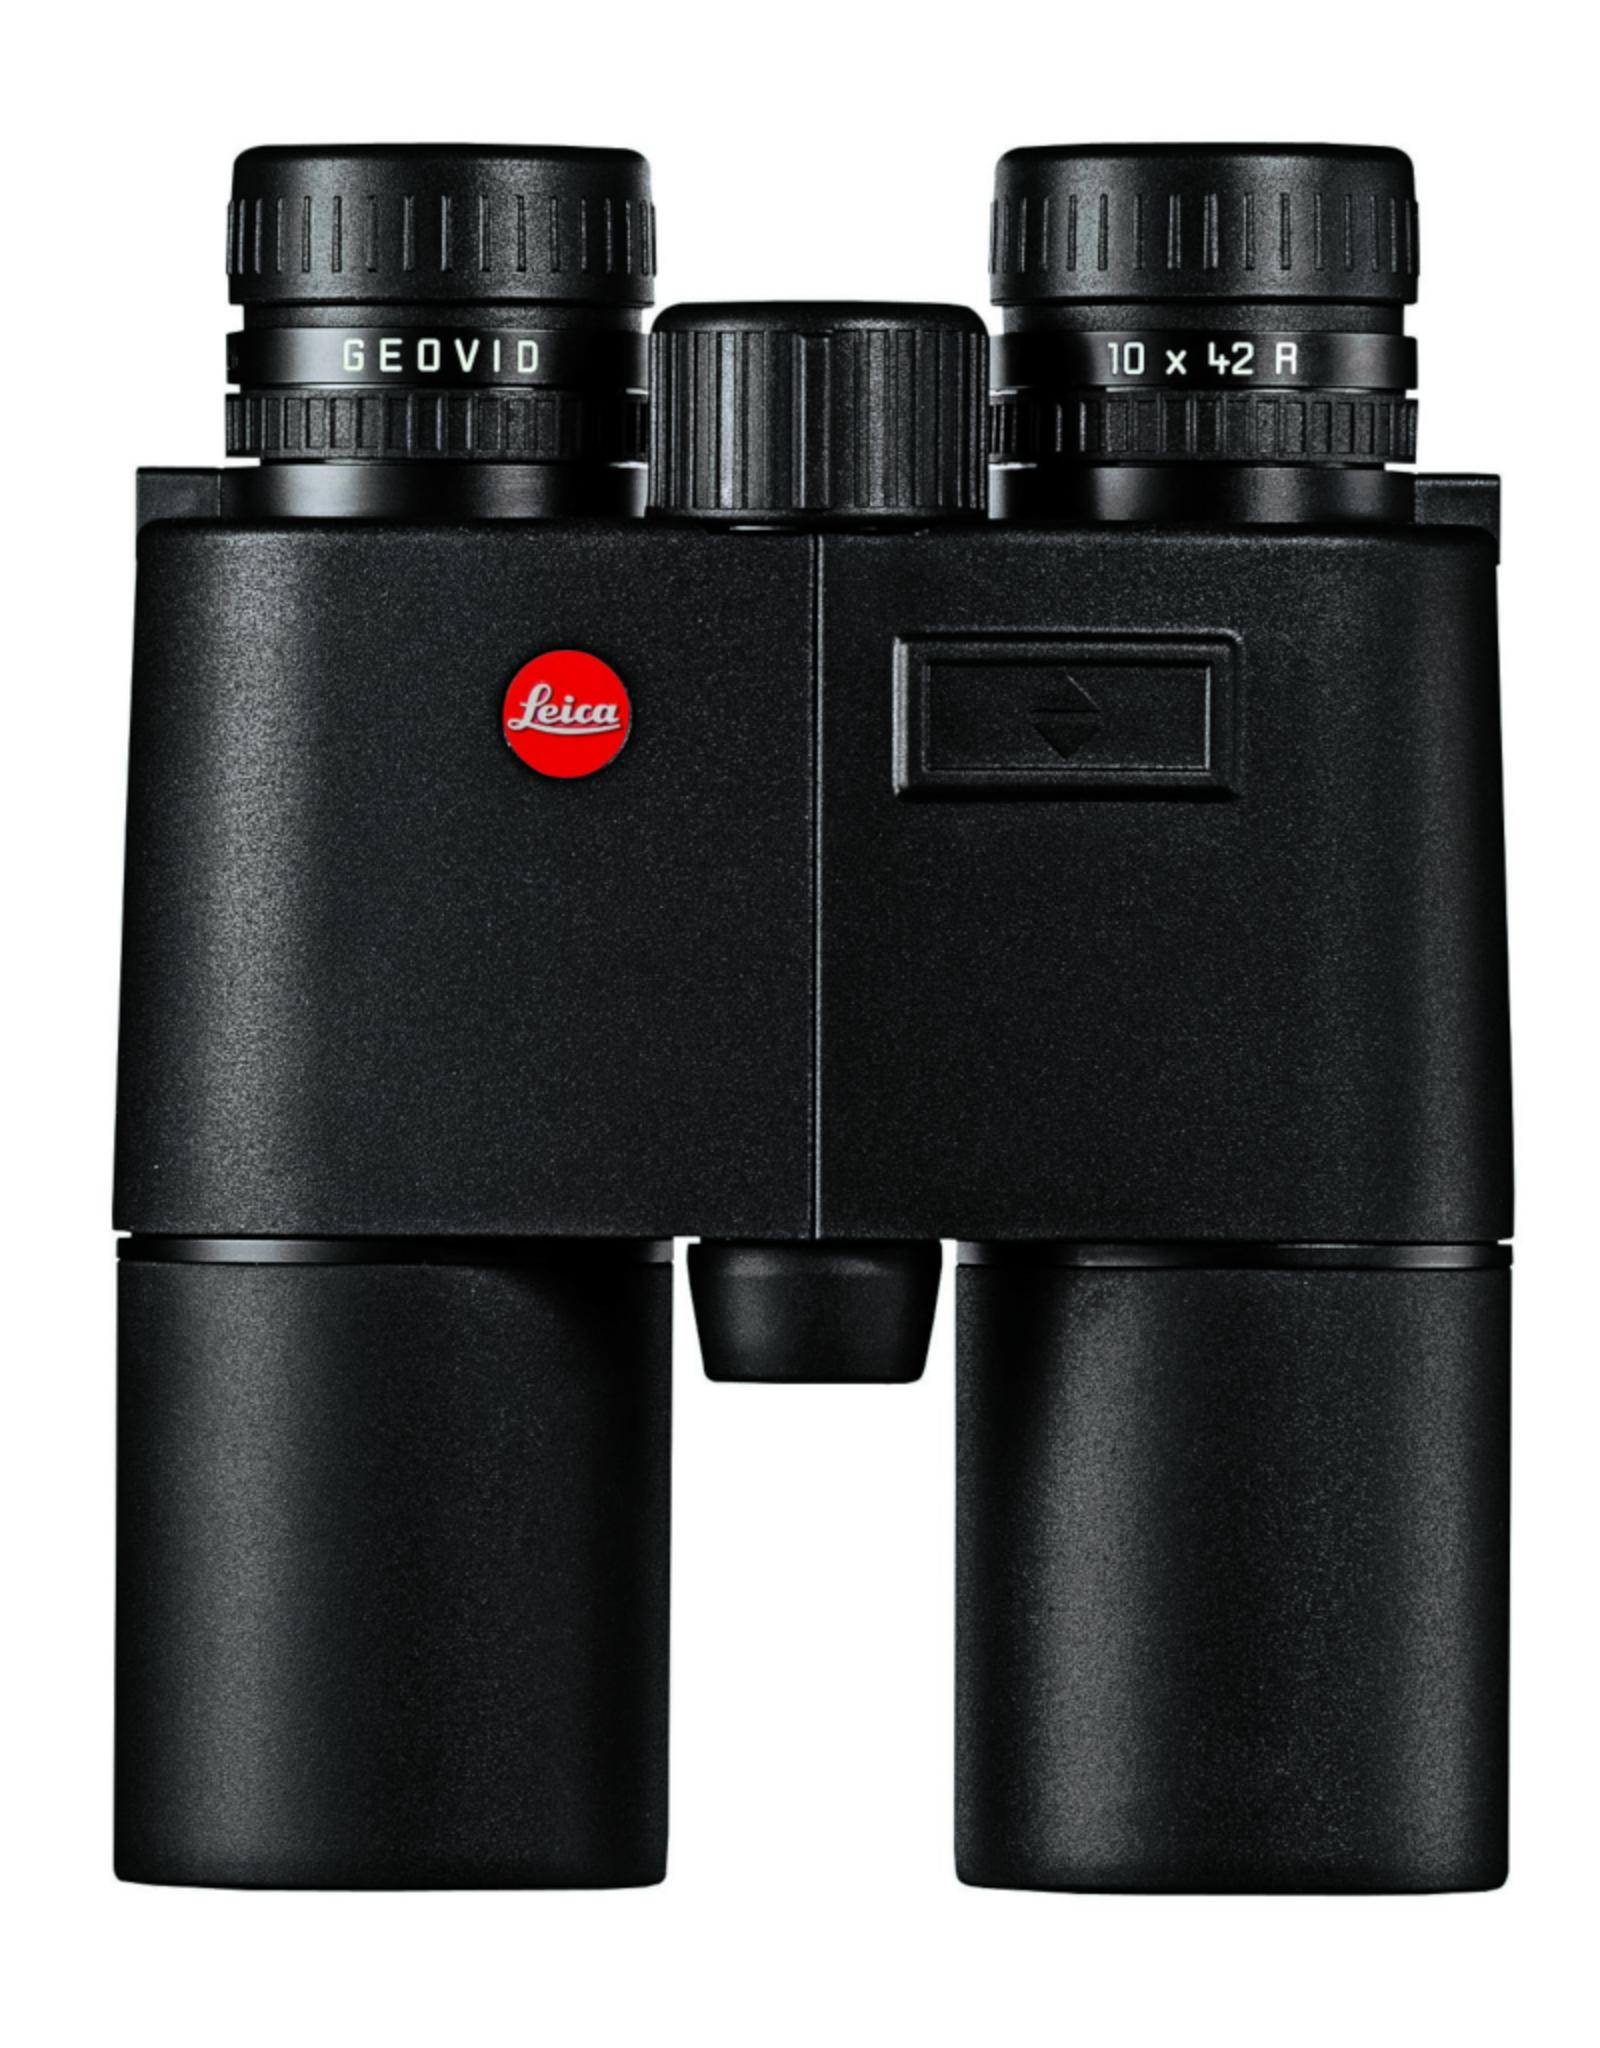 Leica 10x42 Geovid-R - Yardsw/EHR